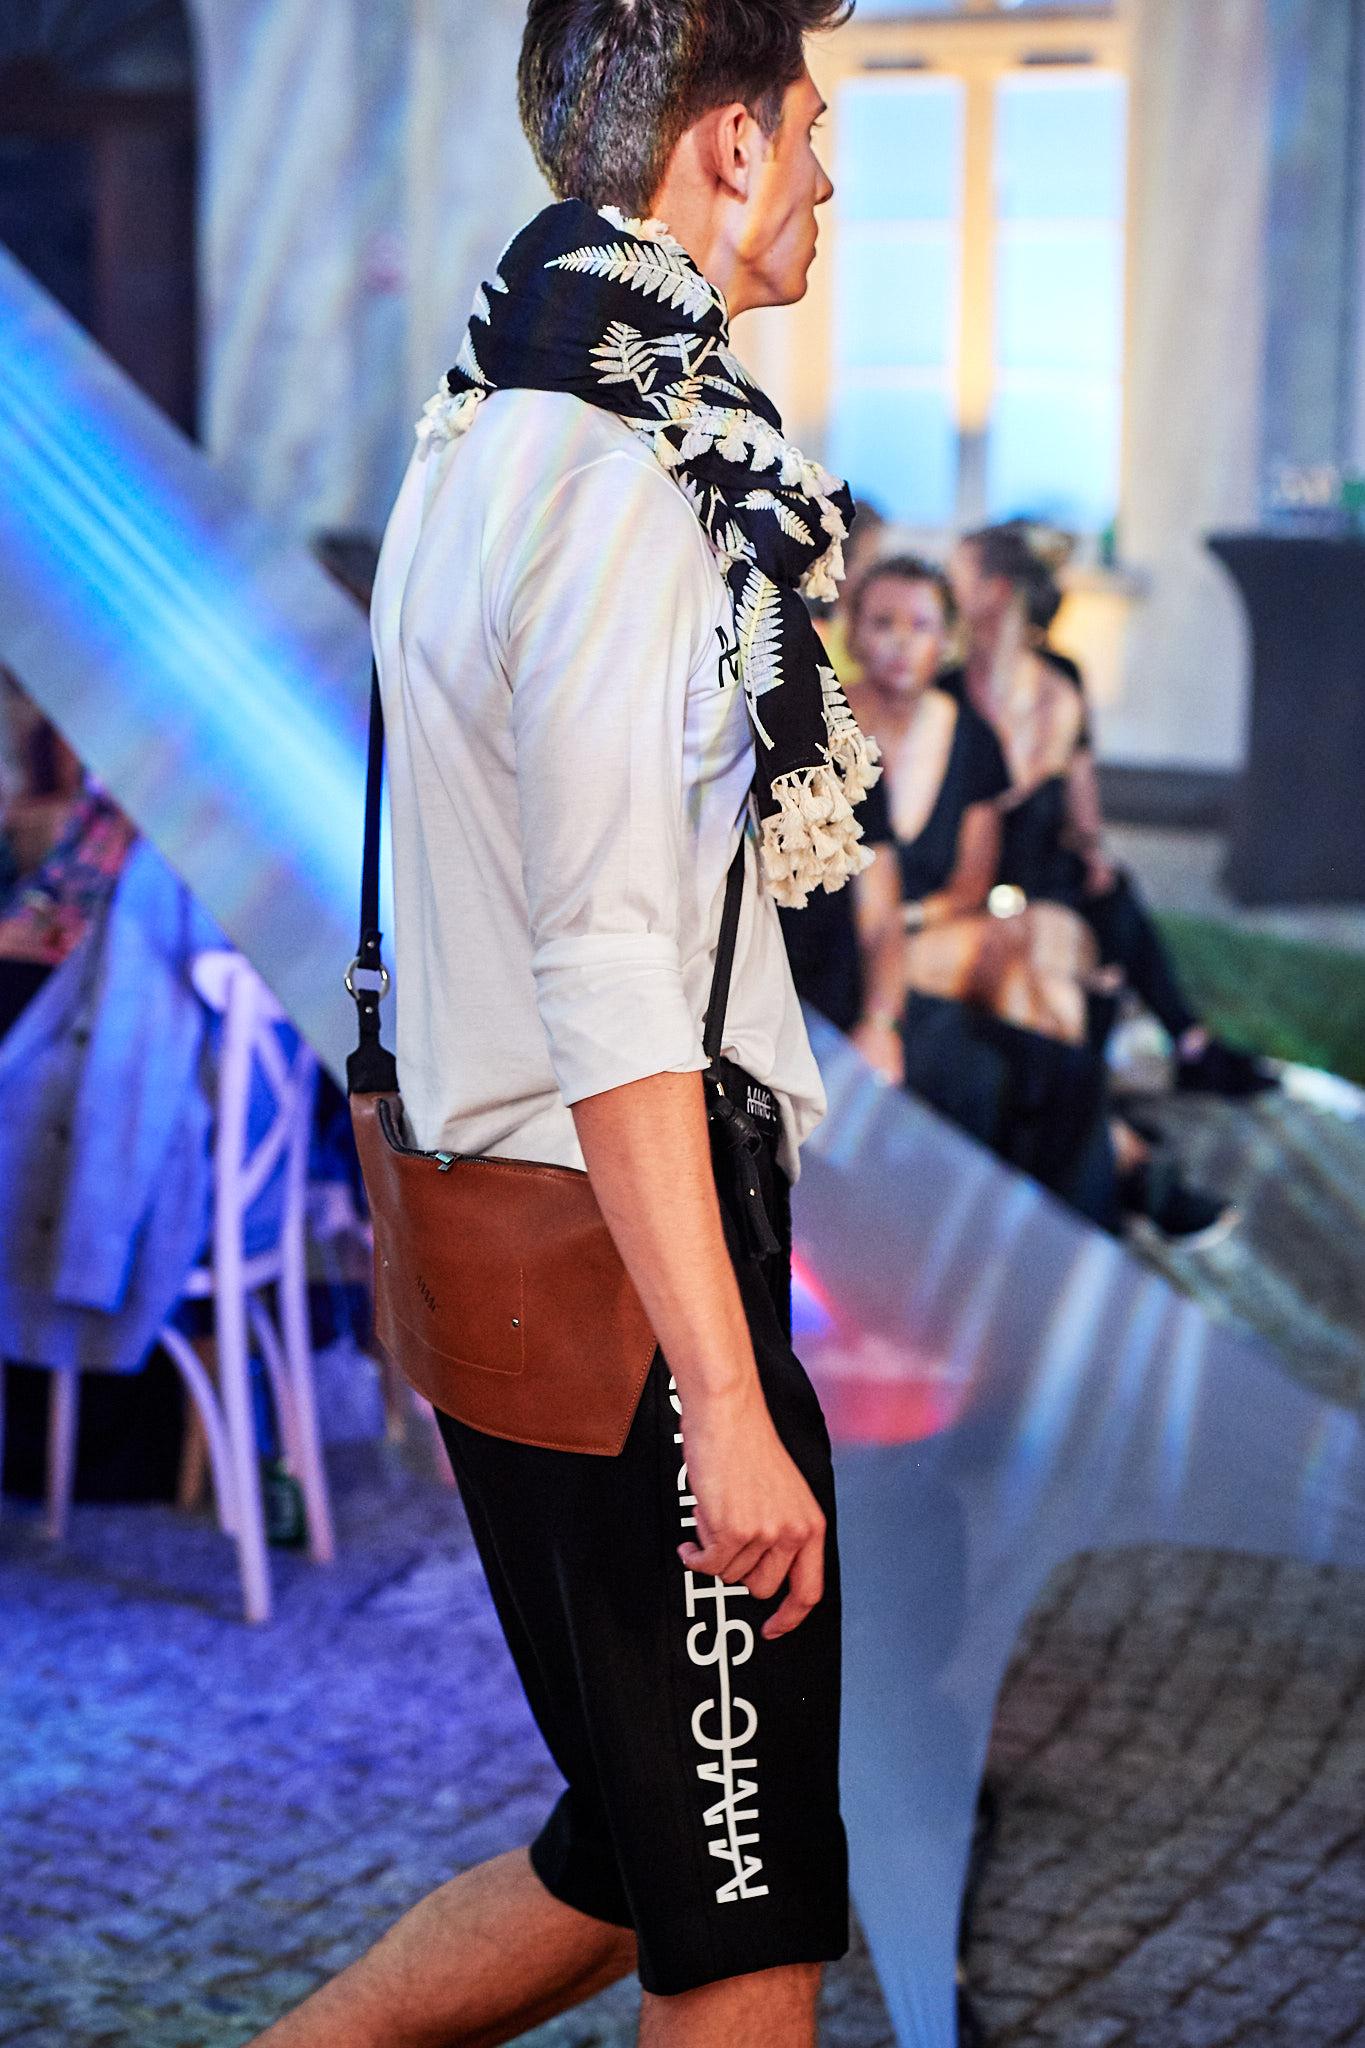 21_MMC-010719-lowres-fotFilipOkopny-FashionImages.jpg